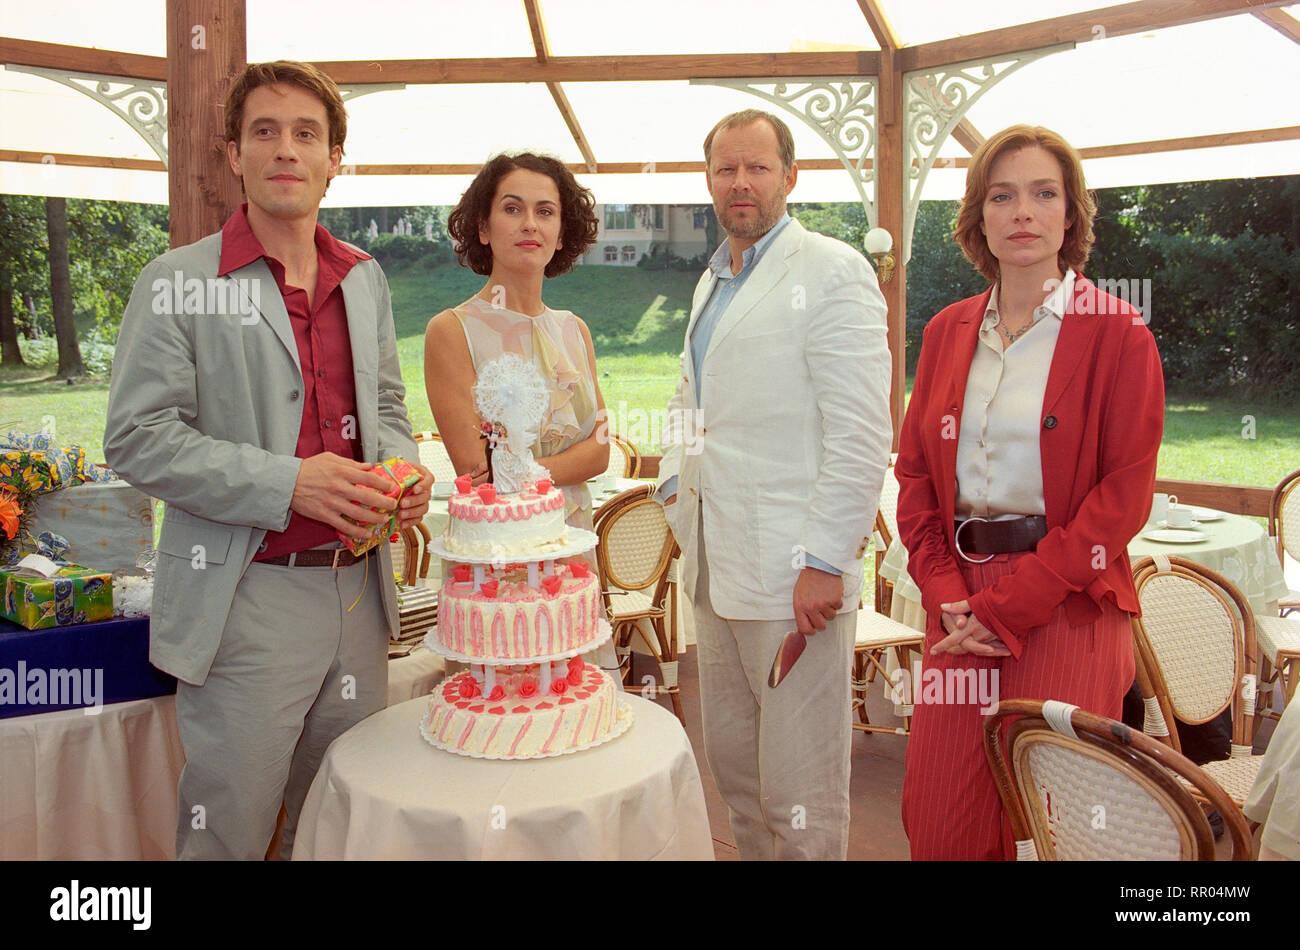 WENN ZWEI SICH TRAUEN / D 2001 / Matthias Steurer Die Geschichte von zwei Paaren auf einer Hochzeit in Potsdam: OLIVER MOMMSEN (als Max Springer), MARIE-LOU SELLEM (als Melanie Springer), AXEL MILBERG (als Tom Friedmann), AGLAIA SZYSZKOWITZ (als Jenny Weiss). # / Überschrift: WENN ZWEI SICH TRAUEN / D 2001 - Stock Image